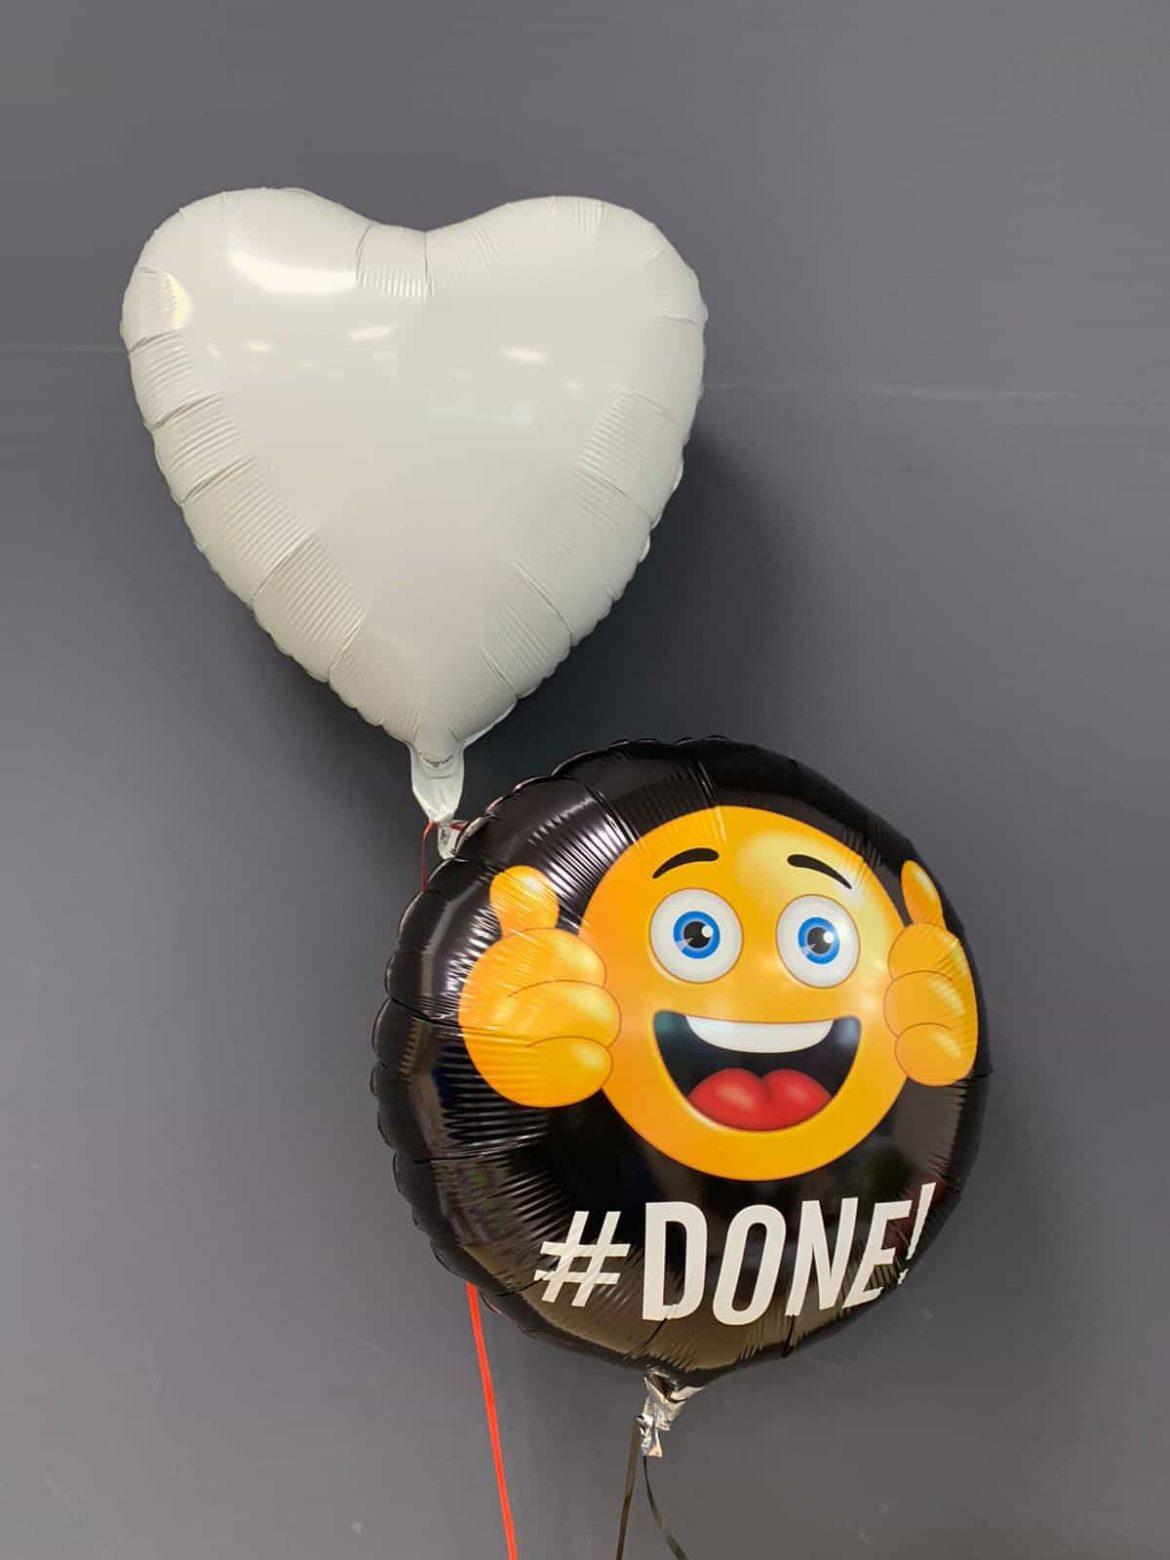 DONE Ballon € 5,50<br />Dekoballon € 4,50 1